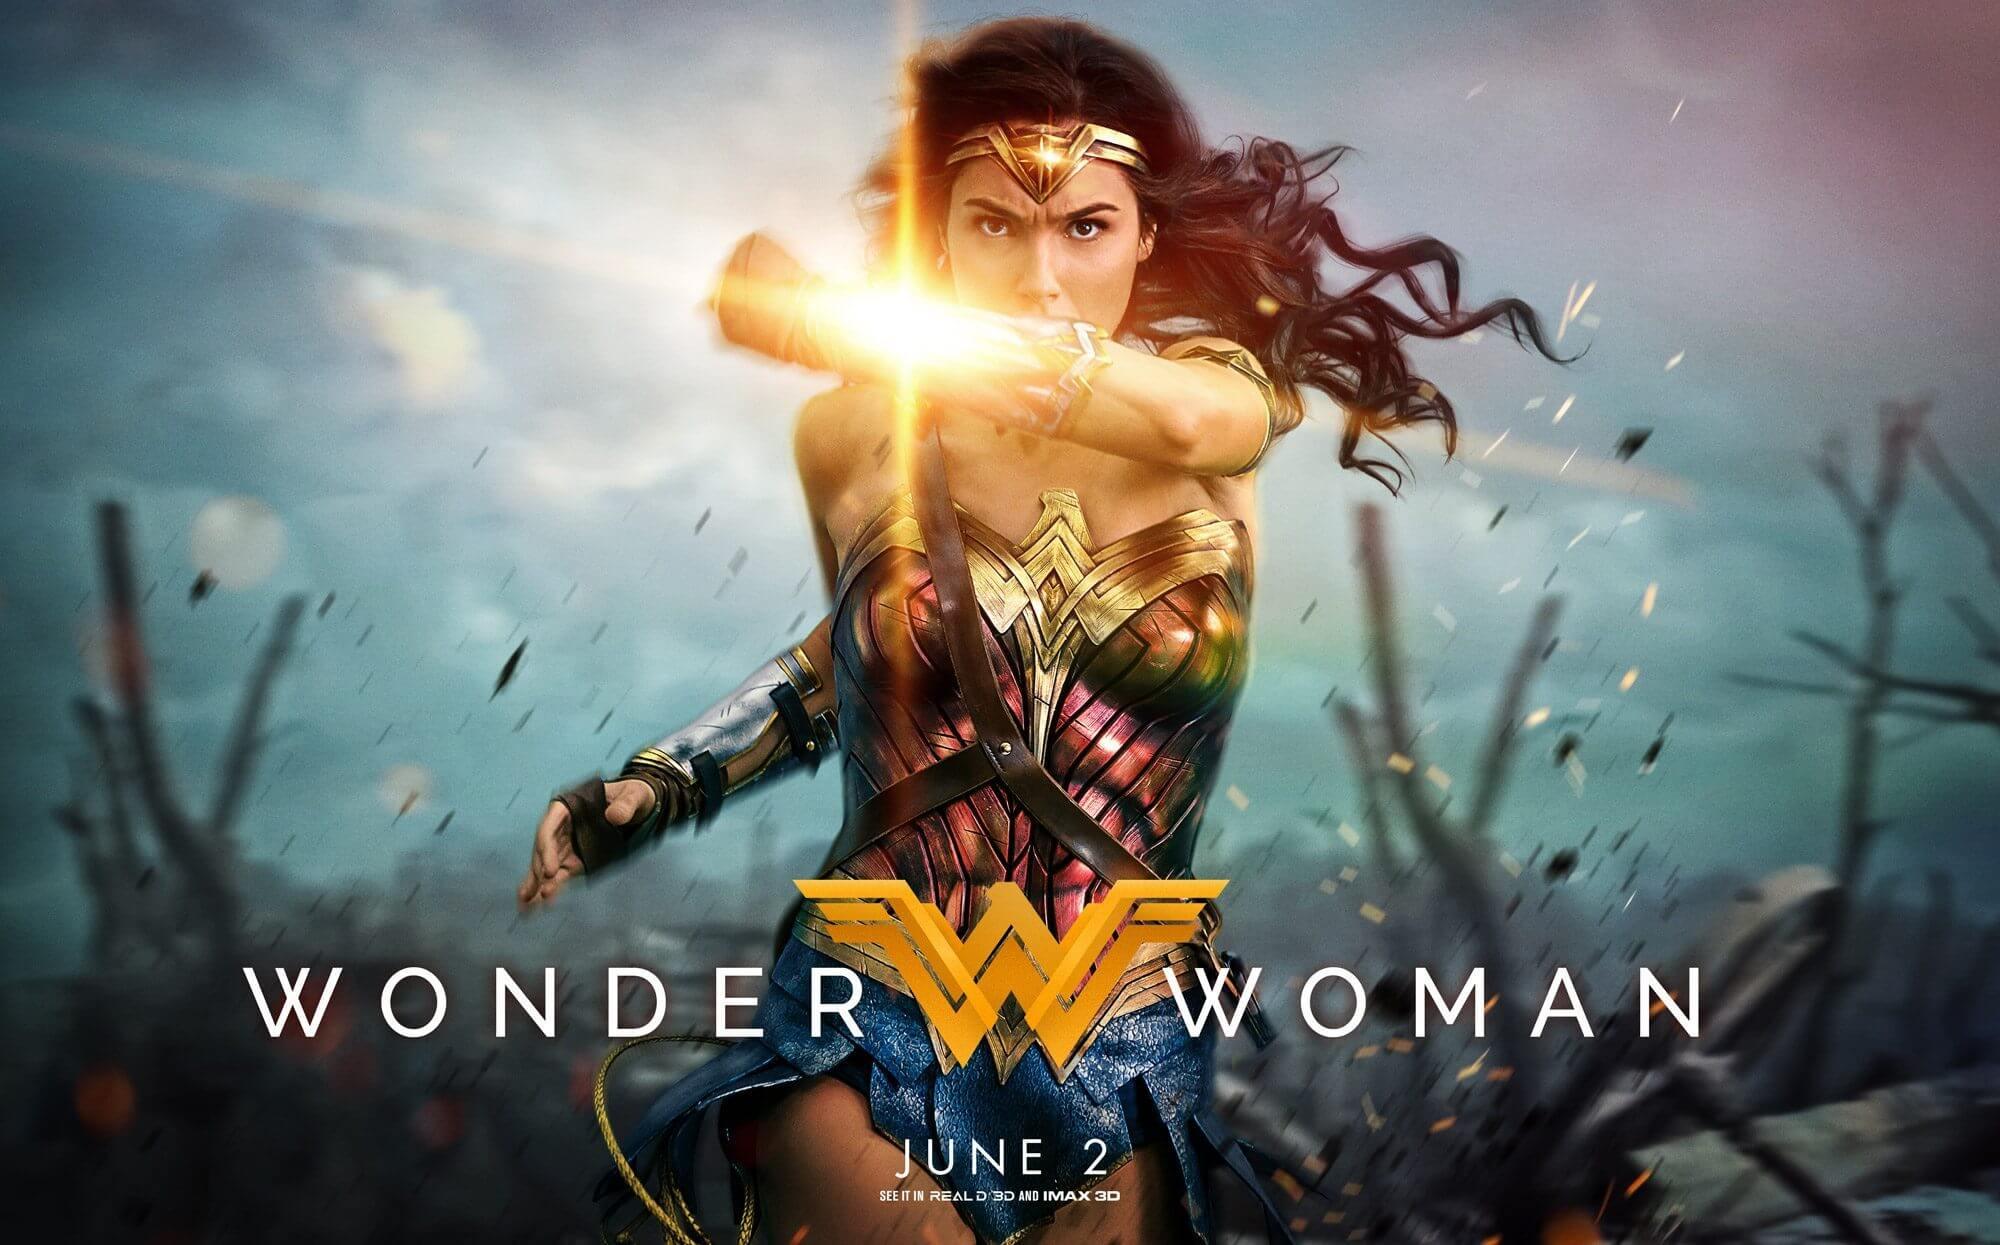 Mulher Maravilha: A grande estreia da DC para 2017